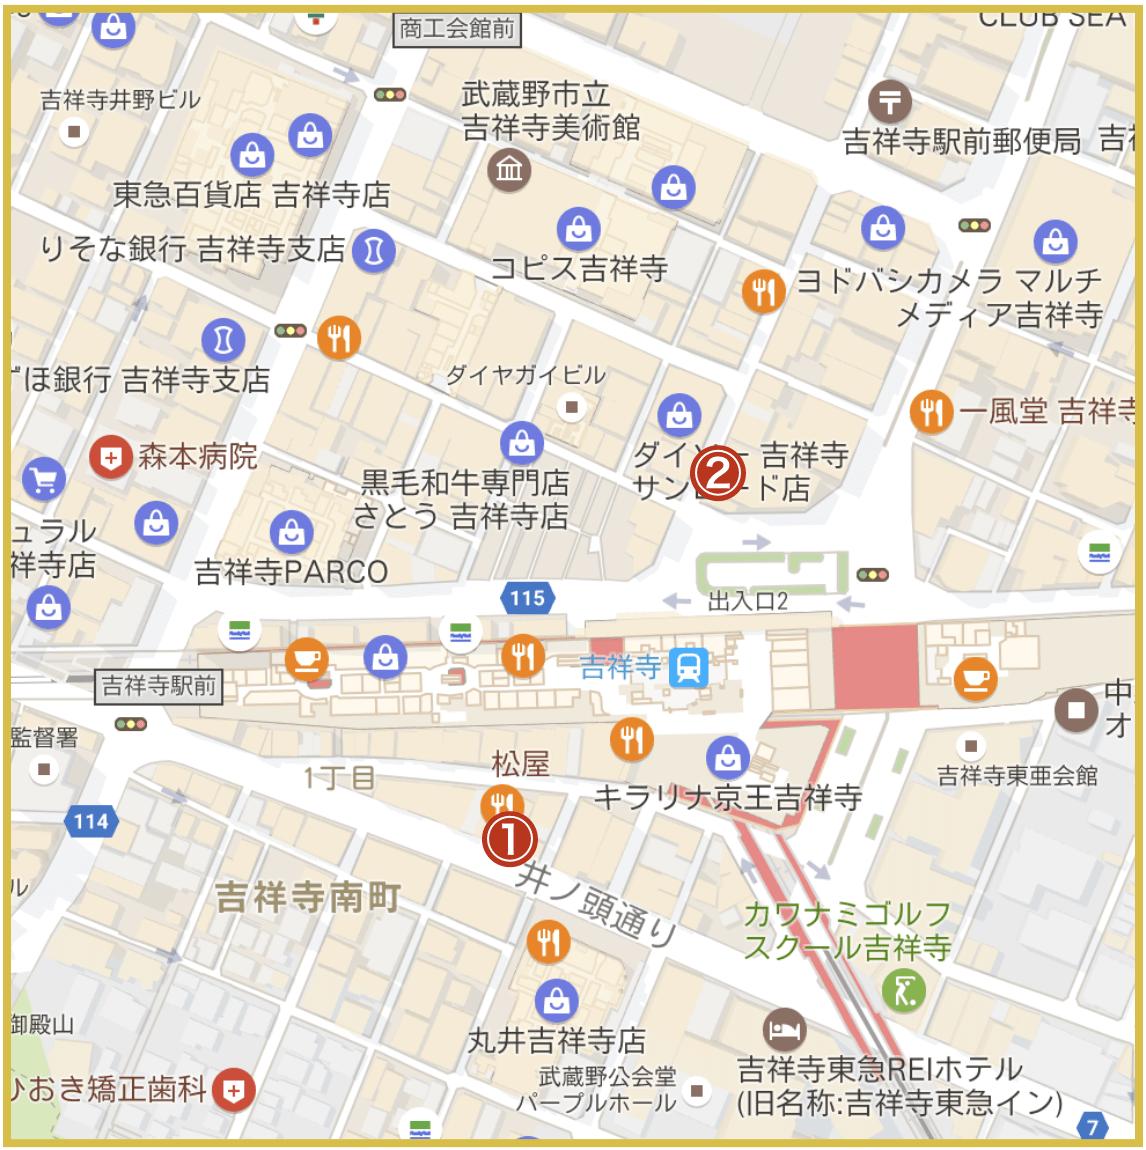 吉祥寺駅周辺にあるアイフル店舗・ATMの位置